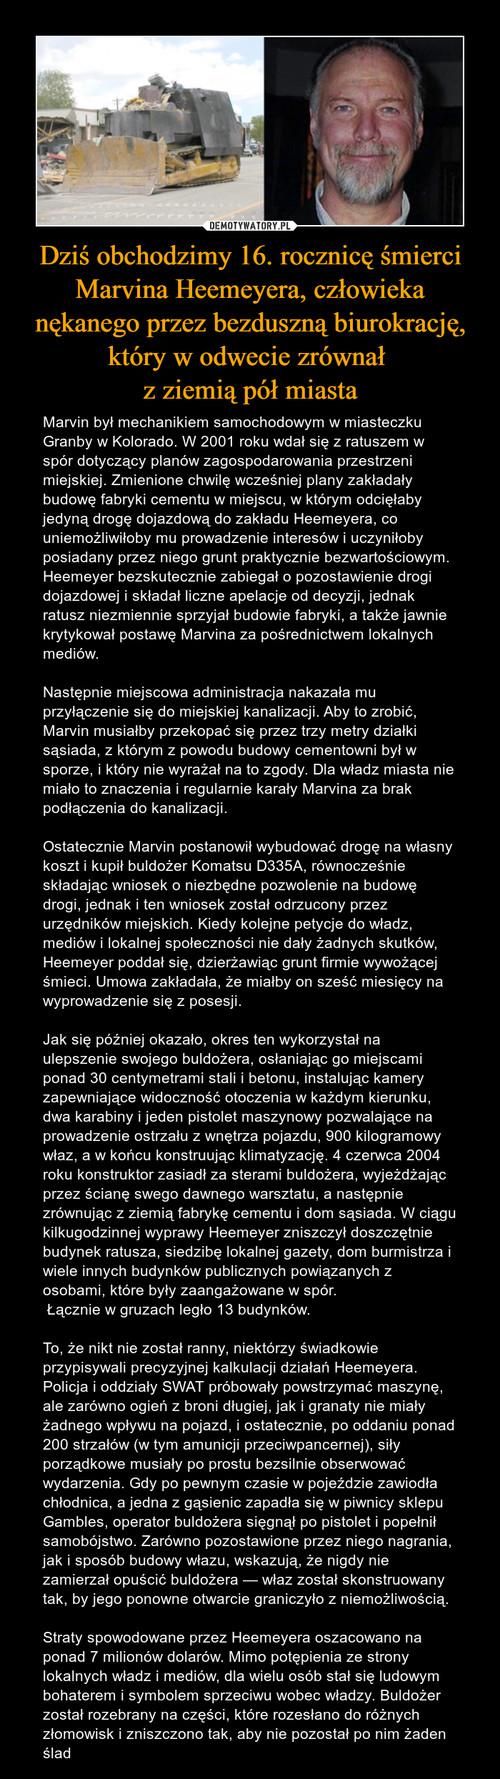 Dziś obchodzimy 16. rocznicę śmierci Marvina Heemeyera, człowieka nękanego przez bezduszną biurokrację, który w odwecie zrównał  z ziemią pół miasta